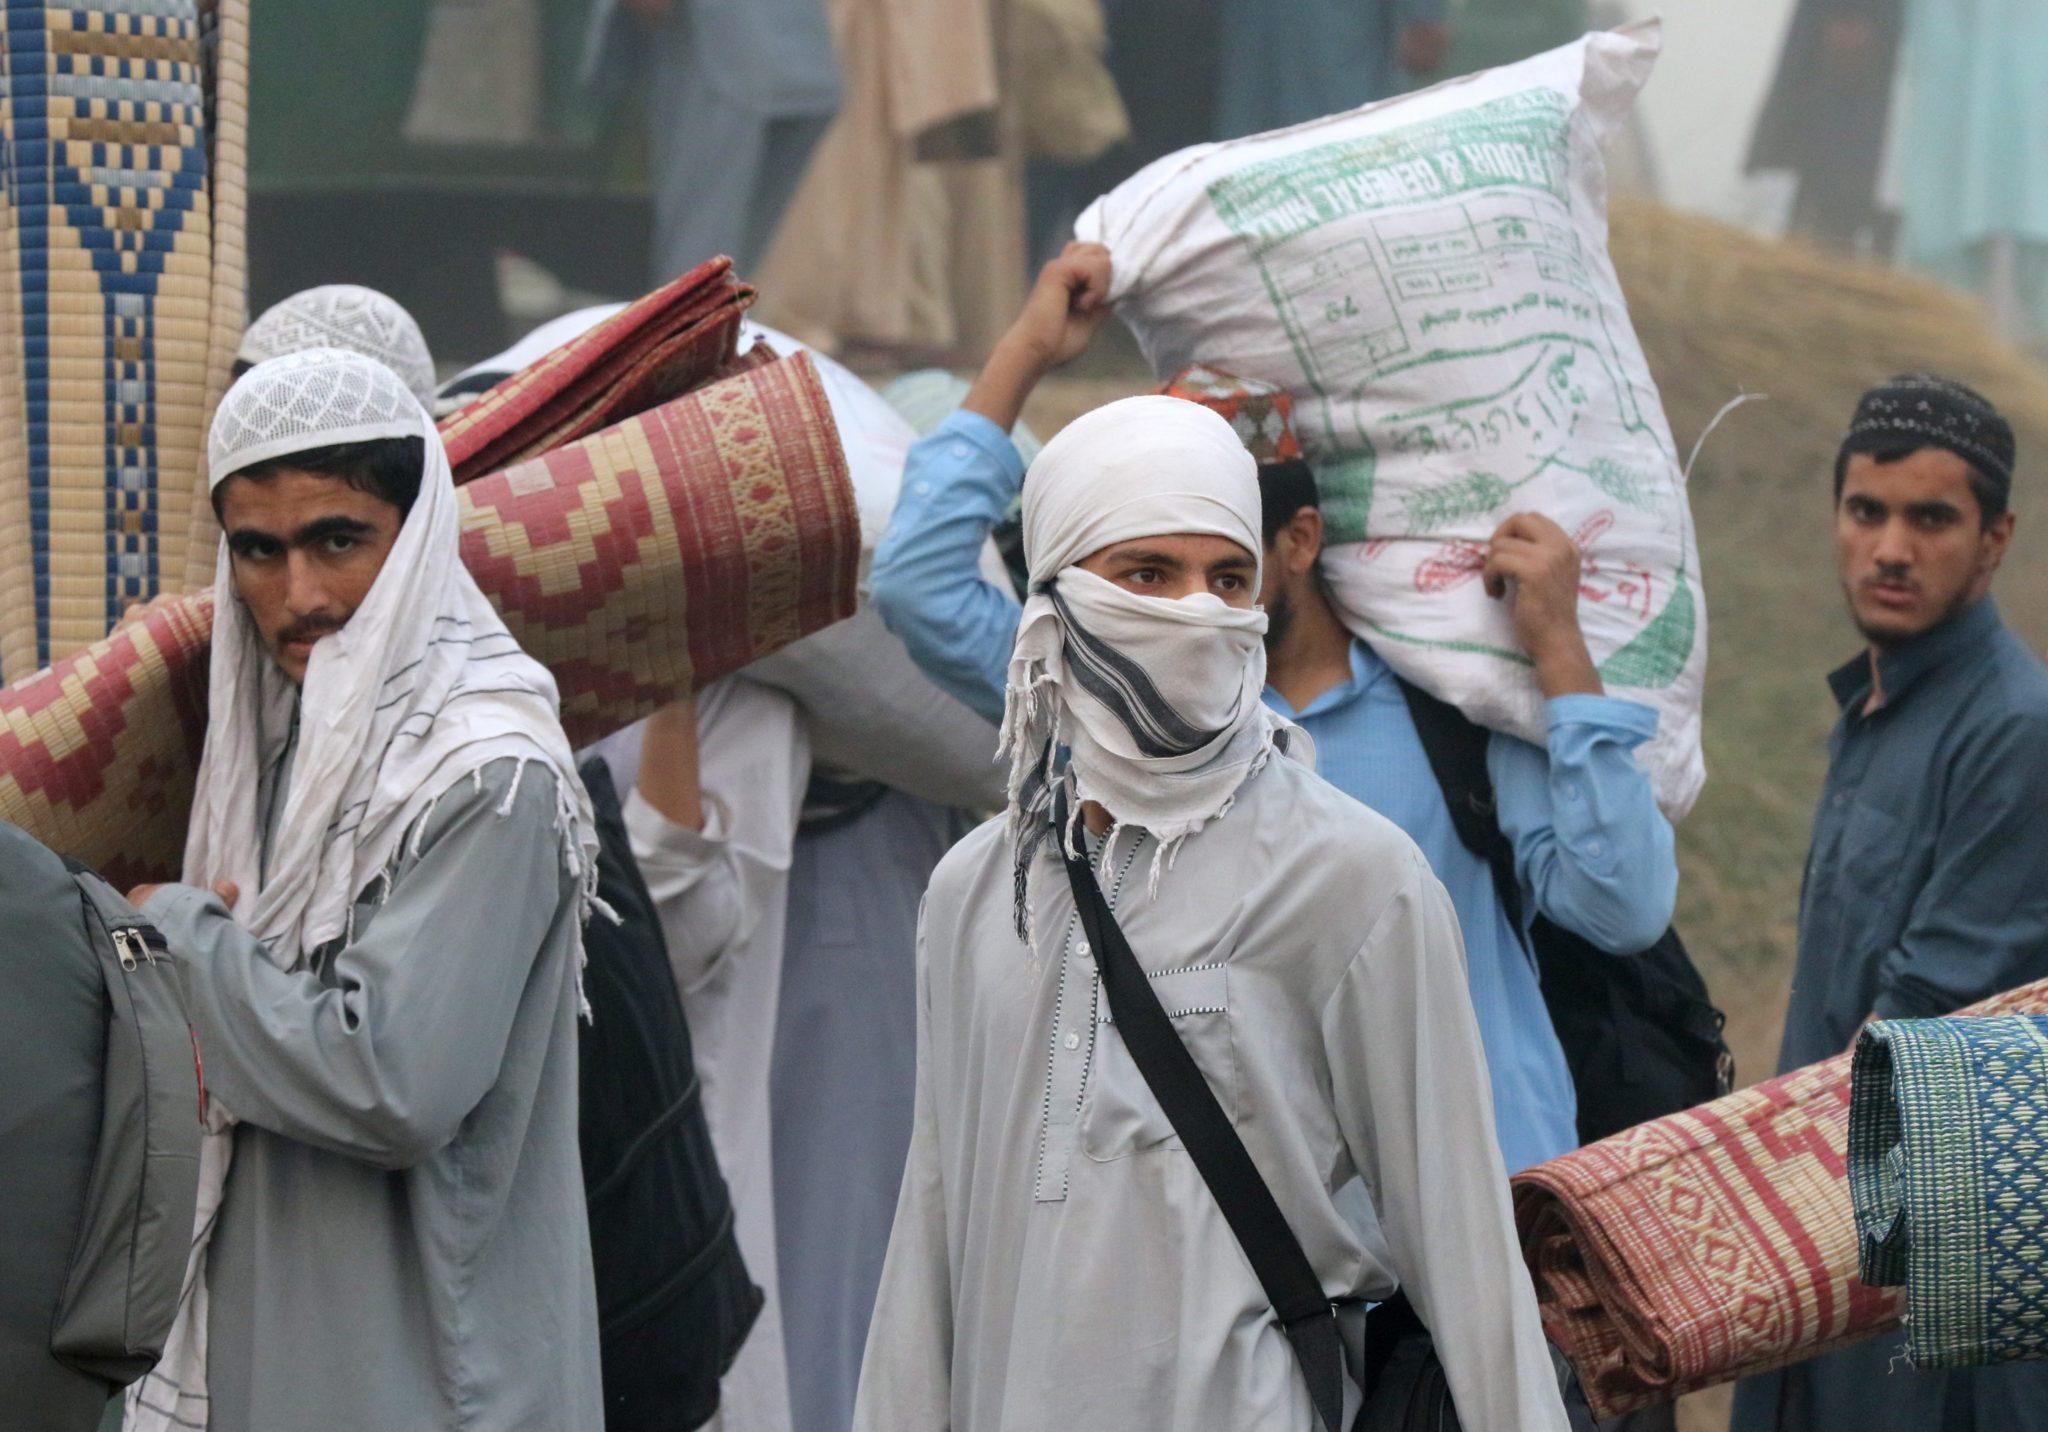 Muzułmanie przybyli do Raiwind w Pakistanie na trzydniową Światową Kongregację Islamu. Co roku zbierają się tu miliony osób. Fot. EPA/RAHAT DAR